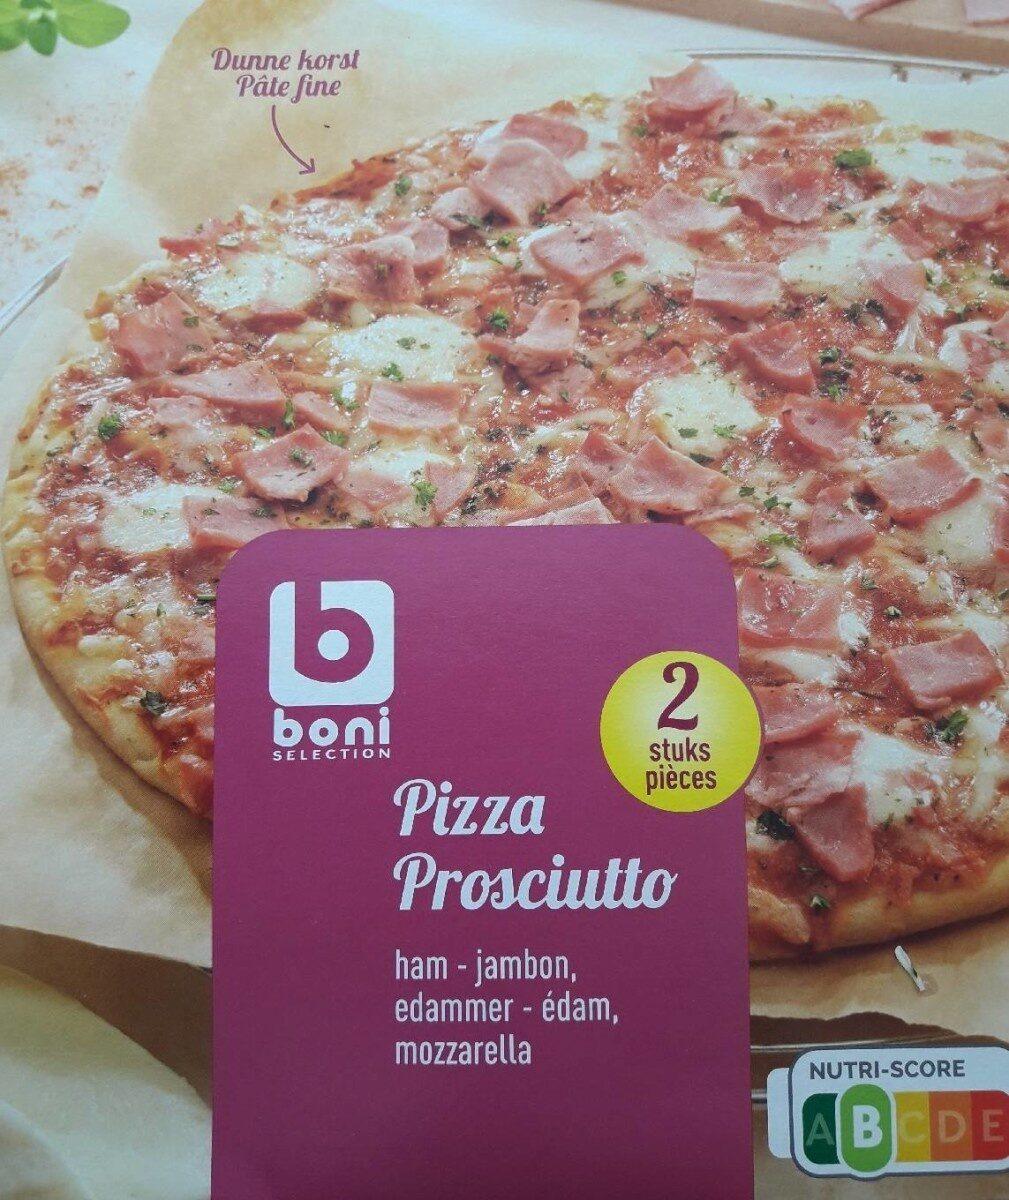 Pizza Prosciutto Boni Selection - Product - fr